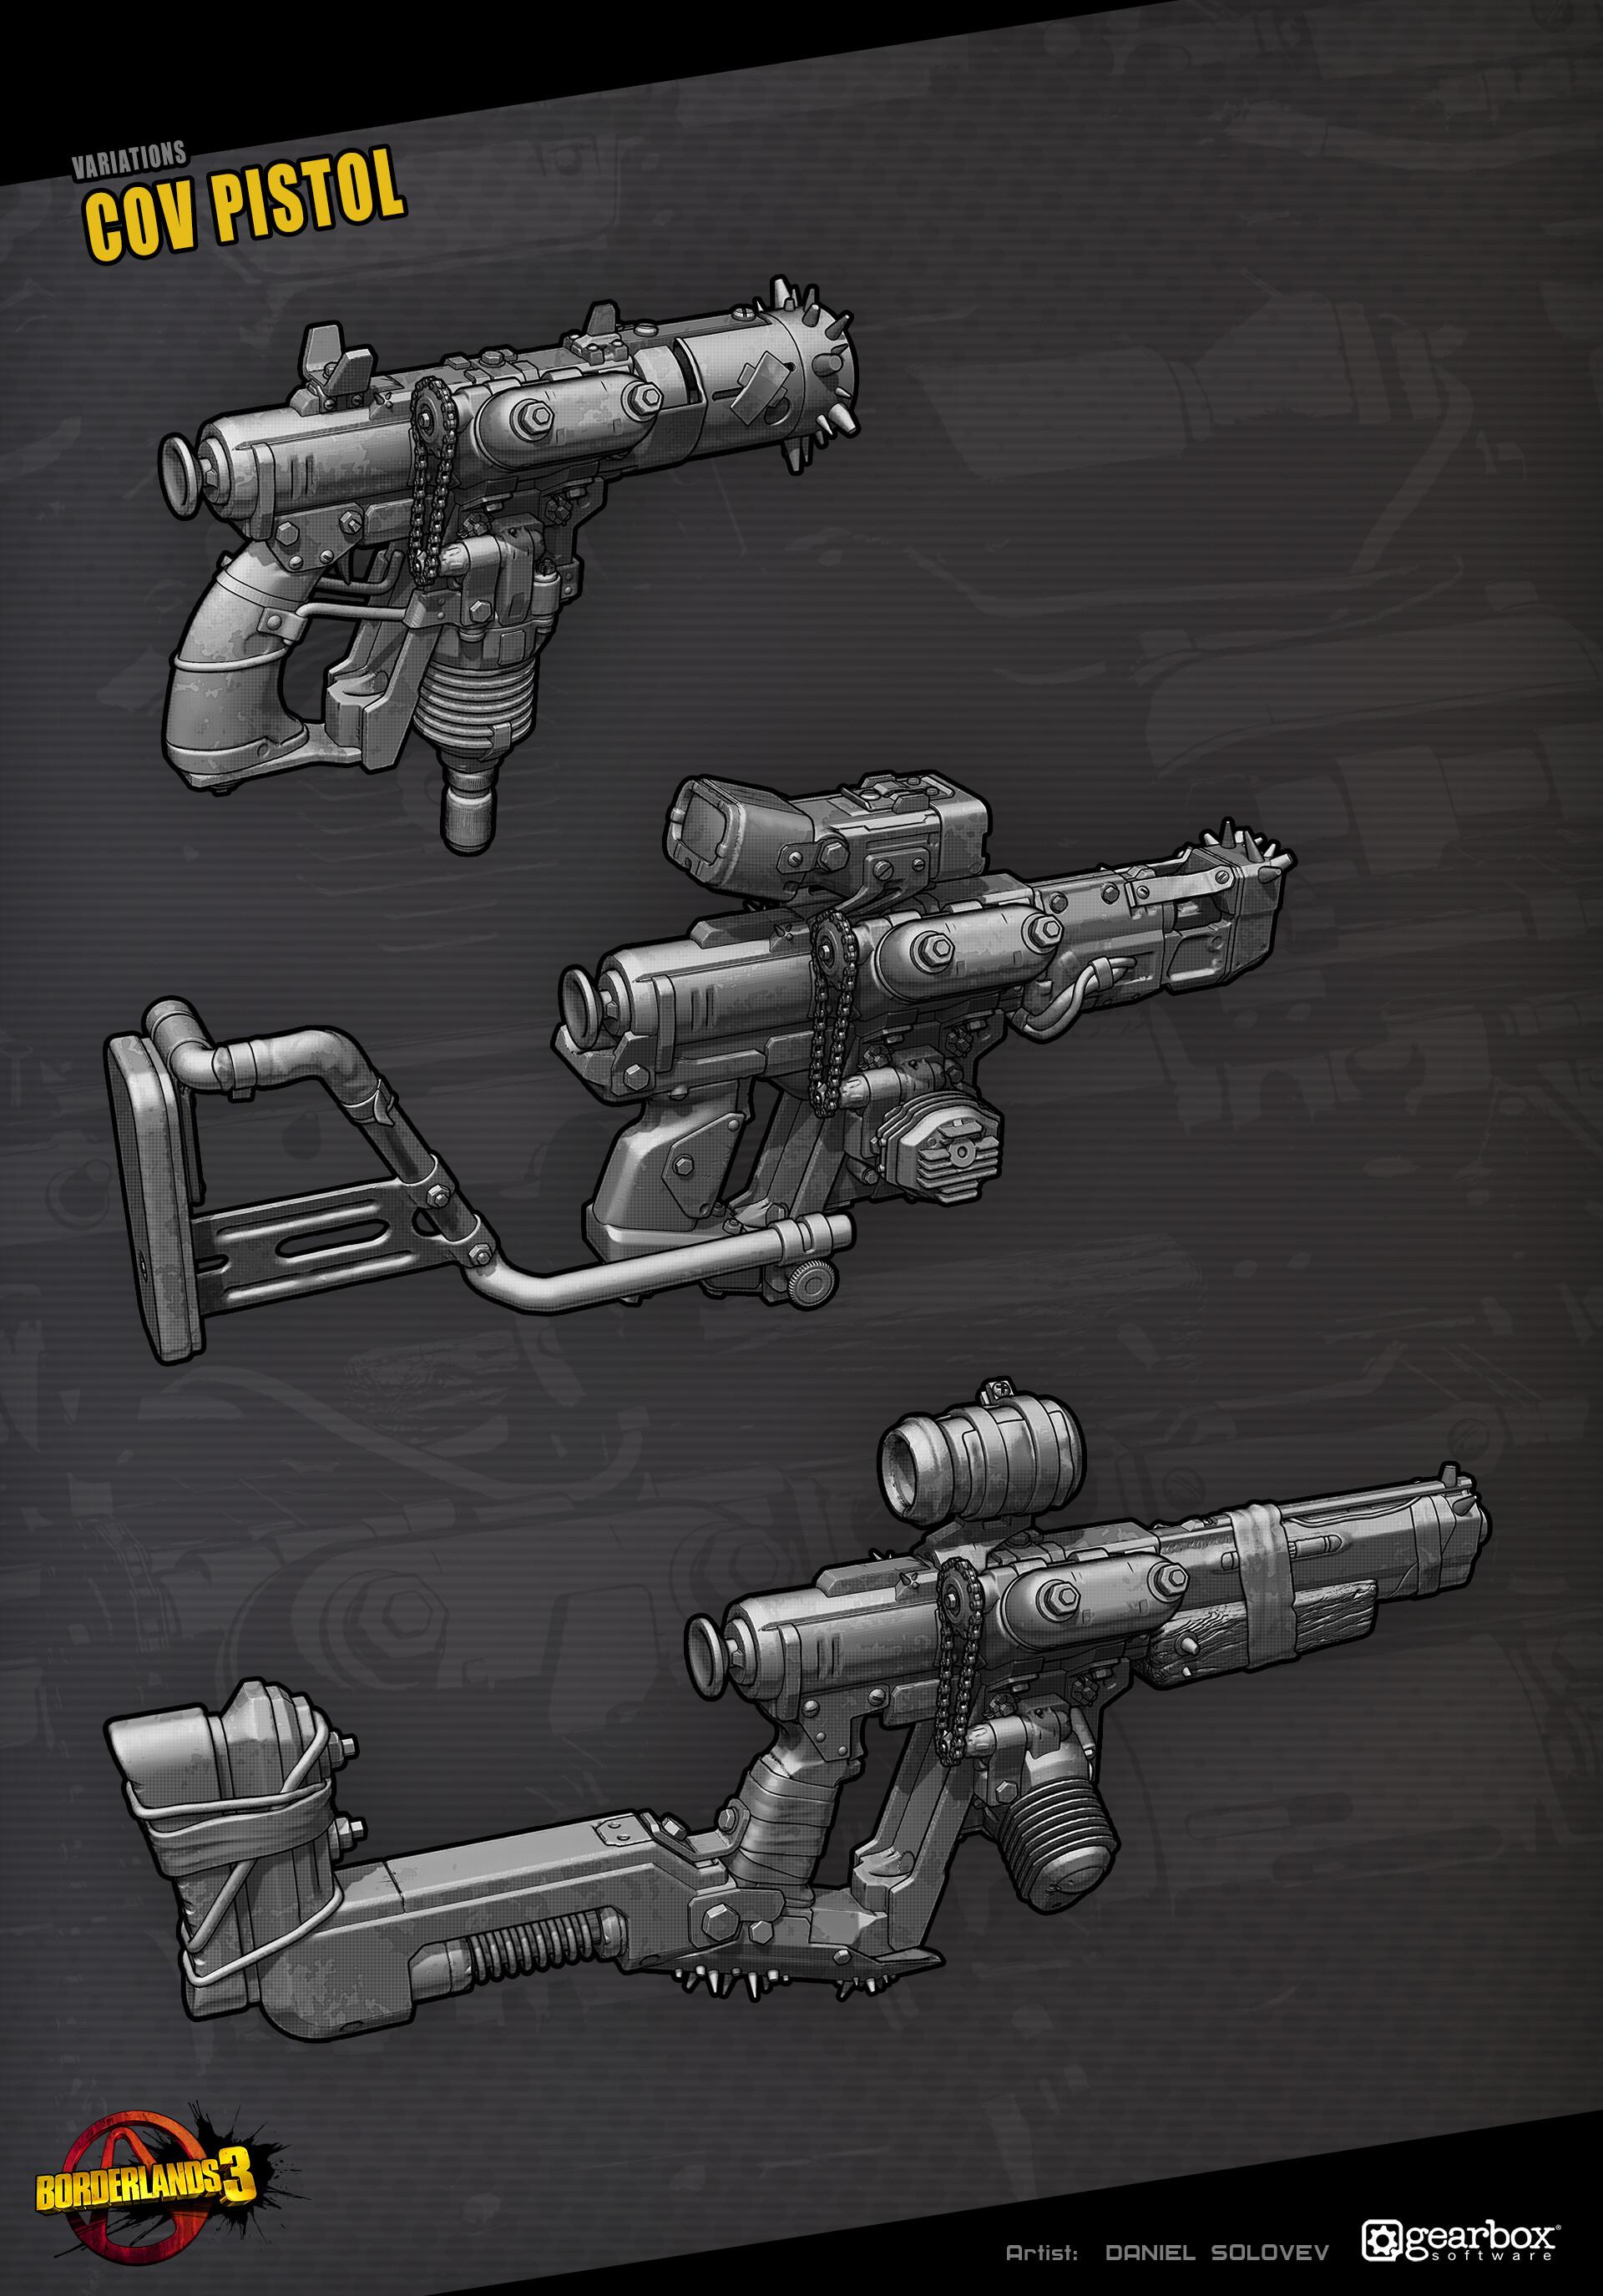 Daniel solovev cov pistol artblast 2